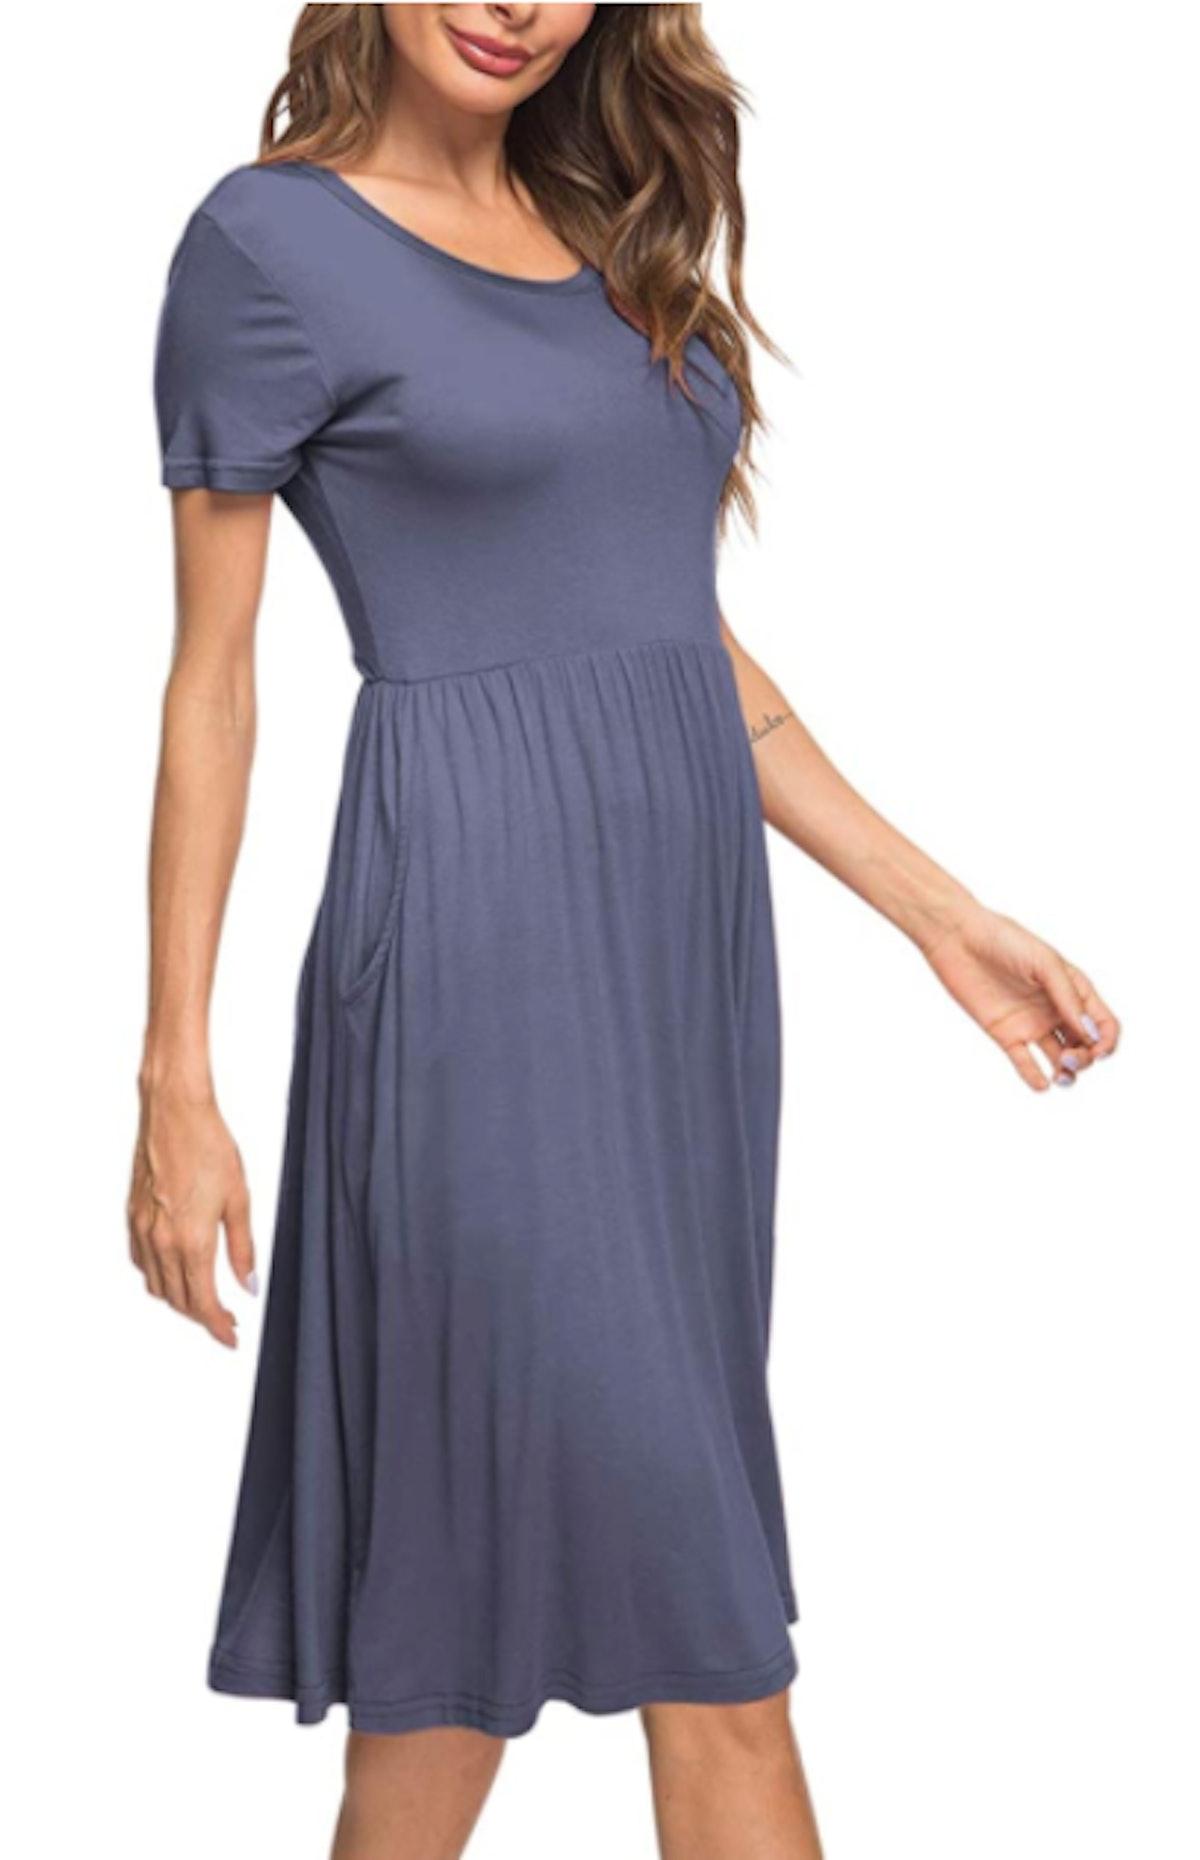 AUSELILY Short Sleeve Empire Waist Dress